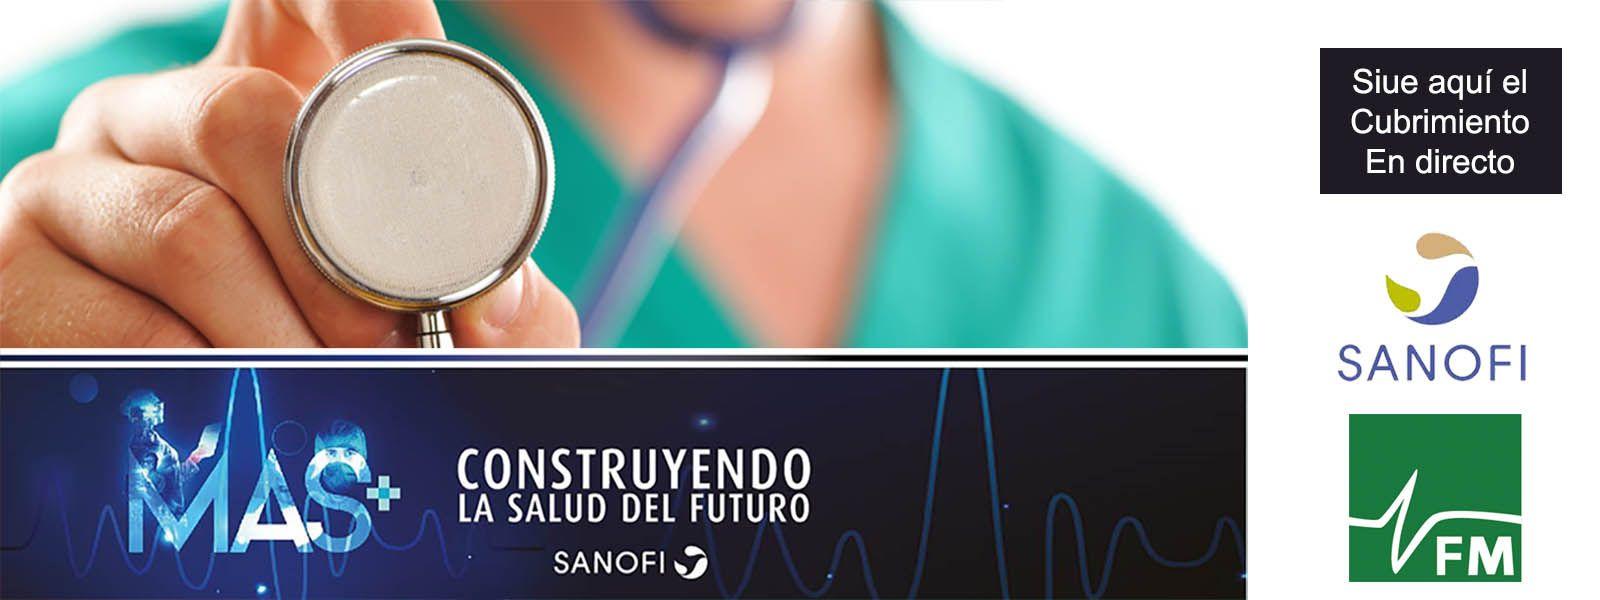 Construyendo-el-futuro-de-la-salud-Sanofi-Formula-Medica-1